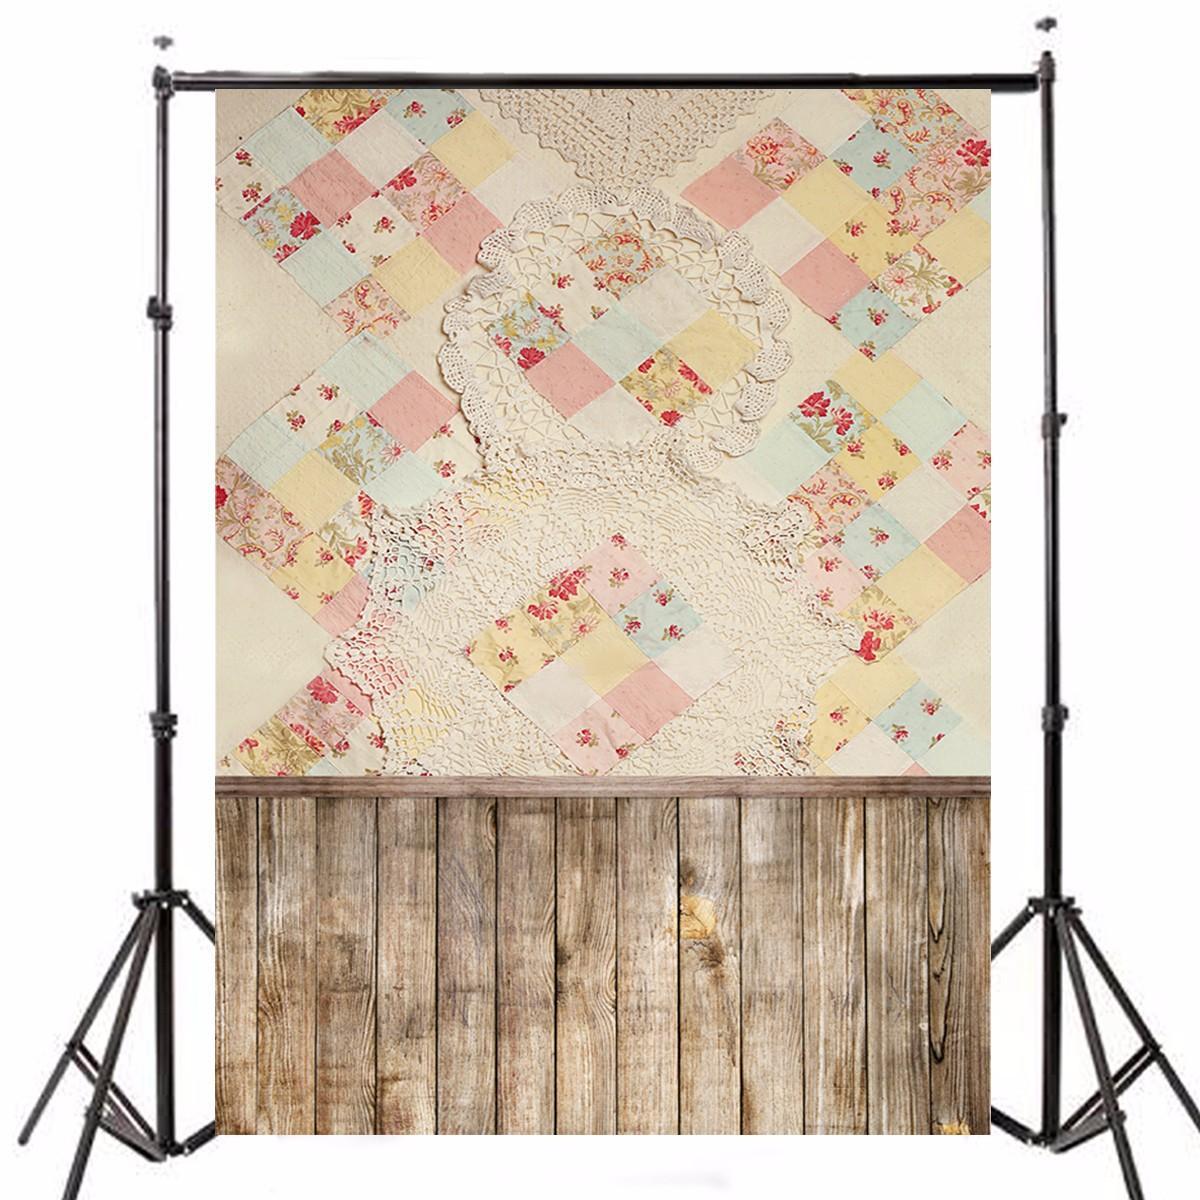 90x150cmの写真のビニールの背景毛布の壁の板の赤ちゃんのテーマ